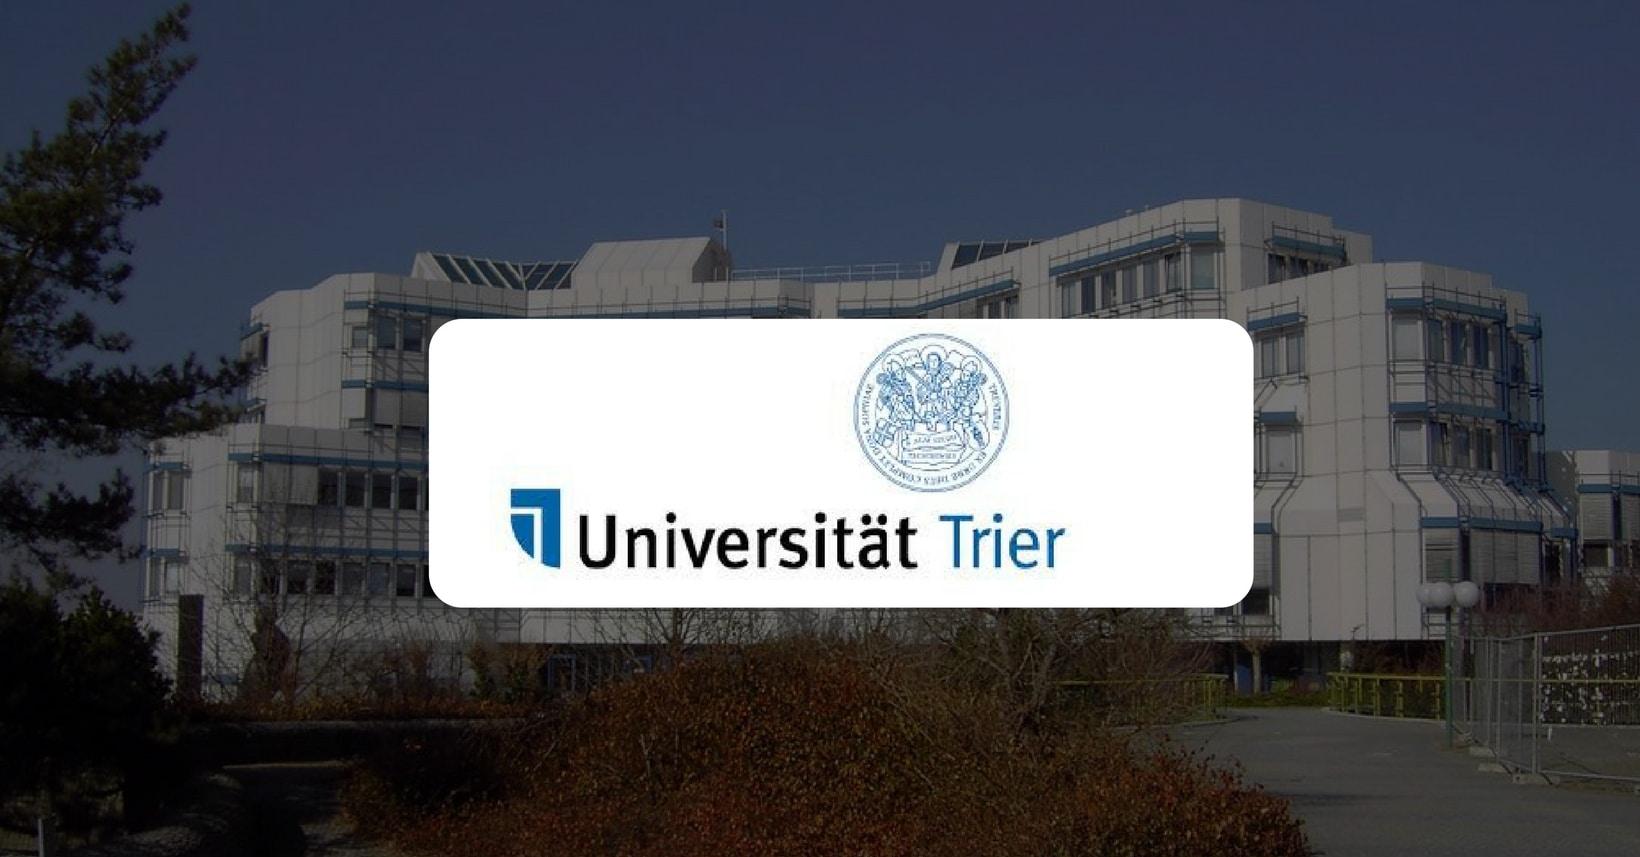 المنح الدراسية لجامعة ترير قصيرة الأجل 2022 - منح دراسية في ألمانيا